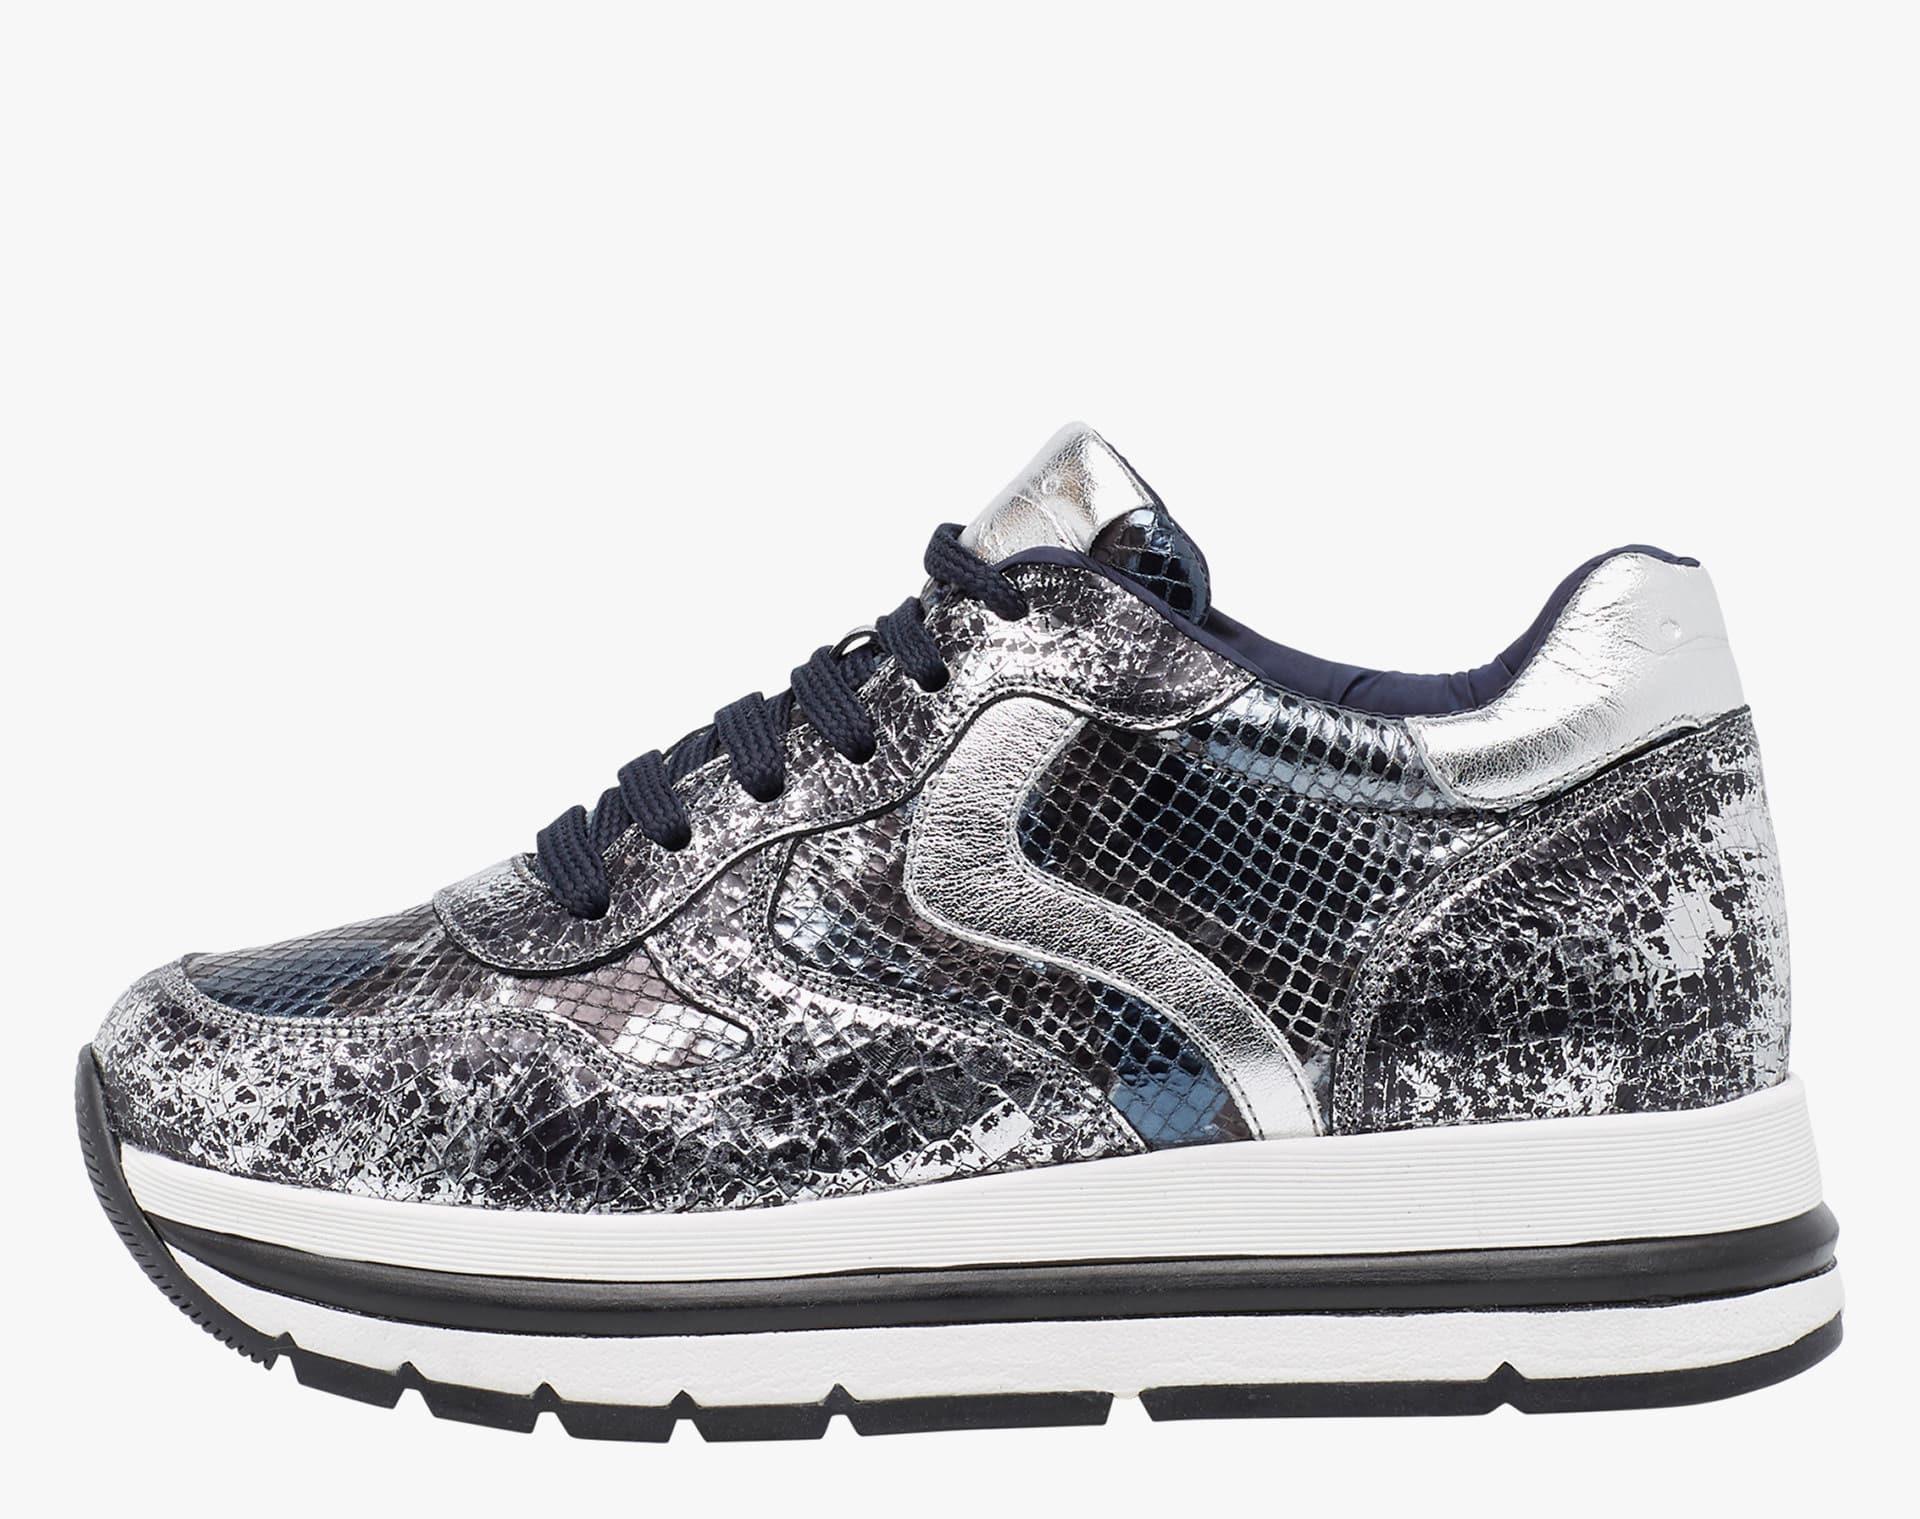 MARAN - Sneaker con pelle craquel� - Argento/nero